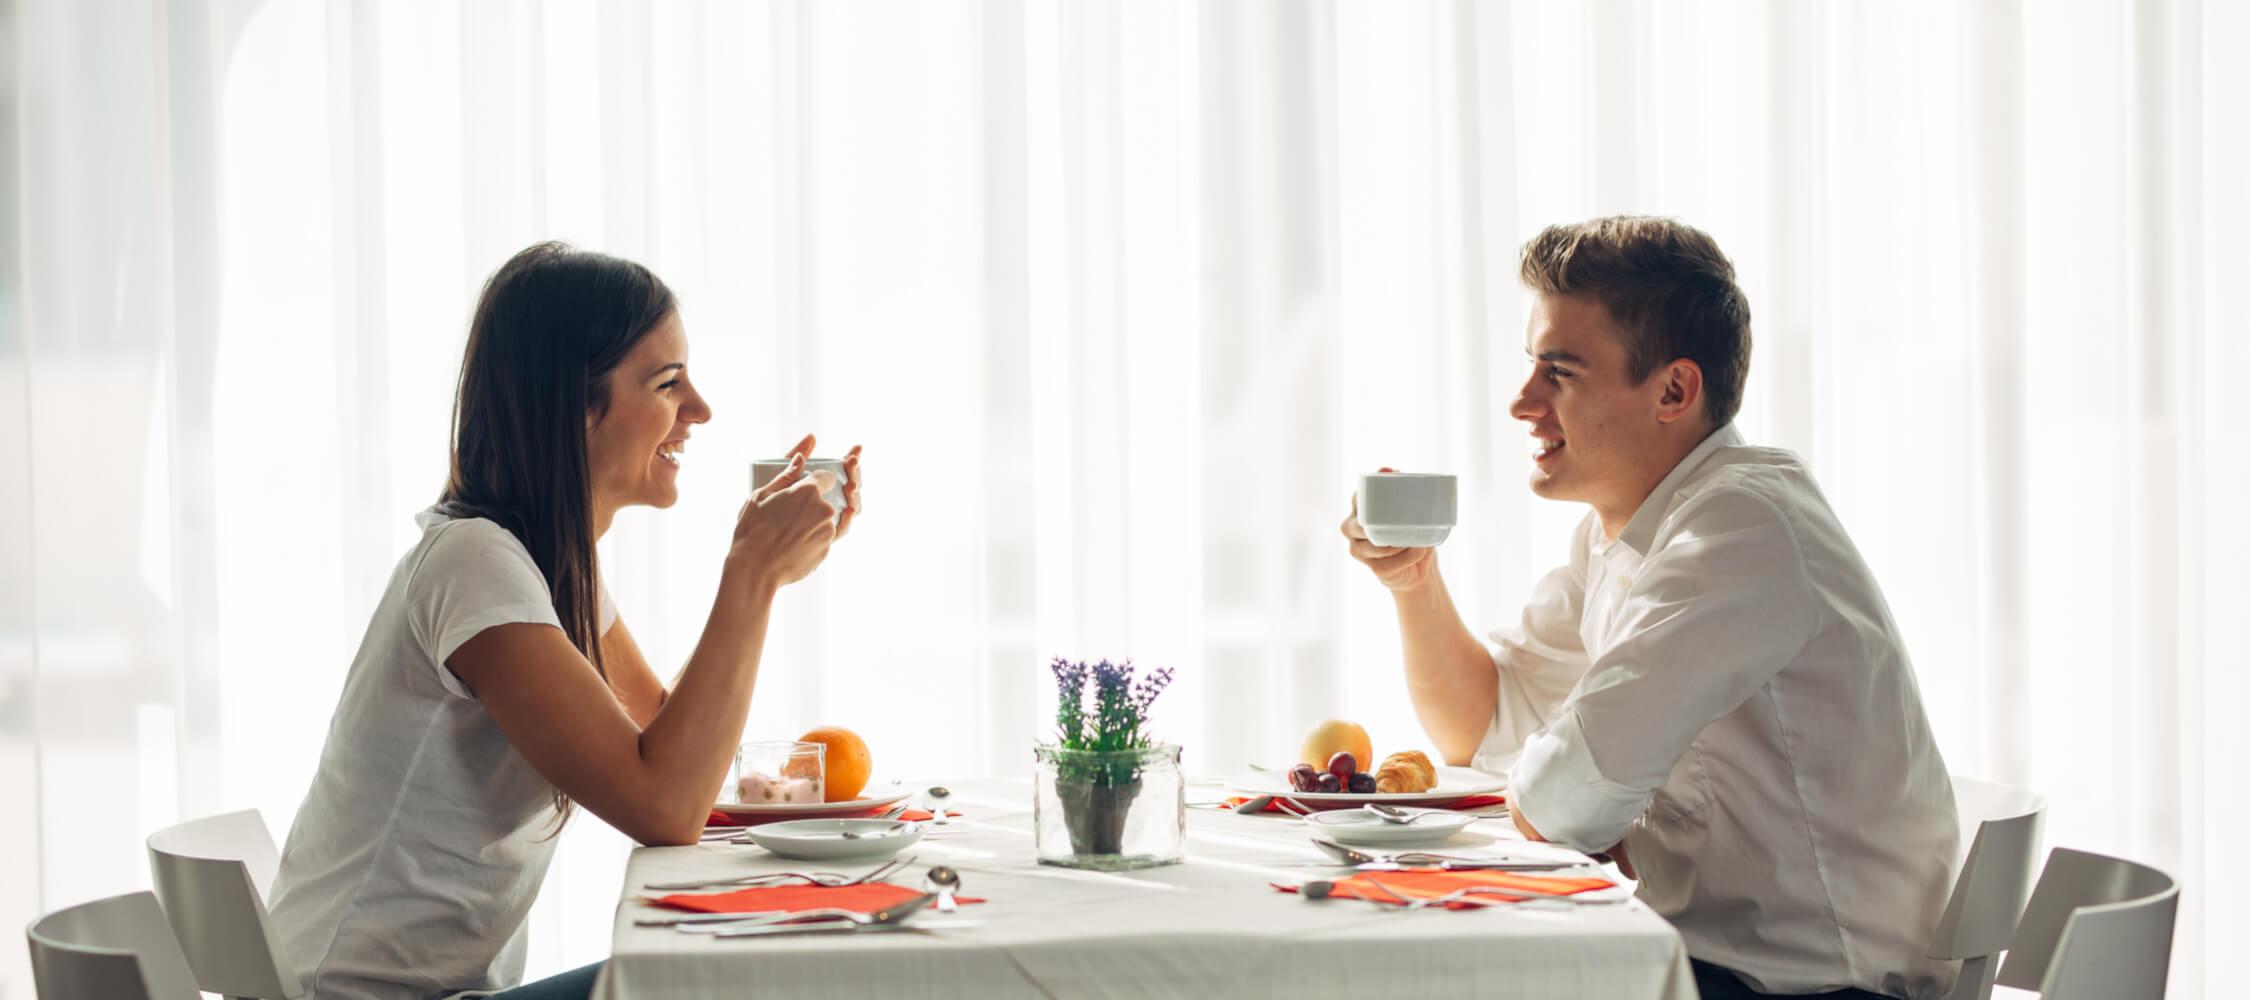 Hotel Villa Laurus Merano - Godetevi una ricca colazione nel vostro hotel B&B a Merano